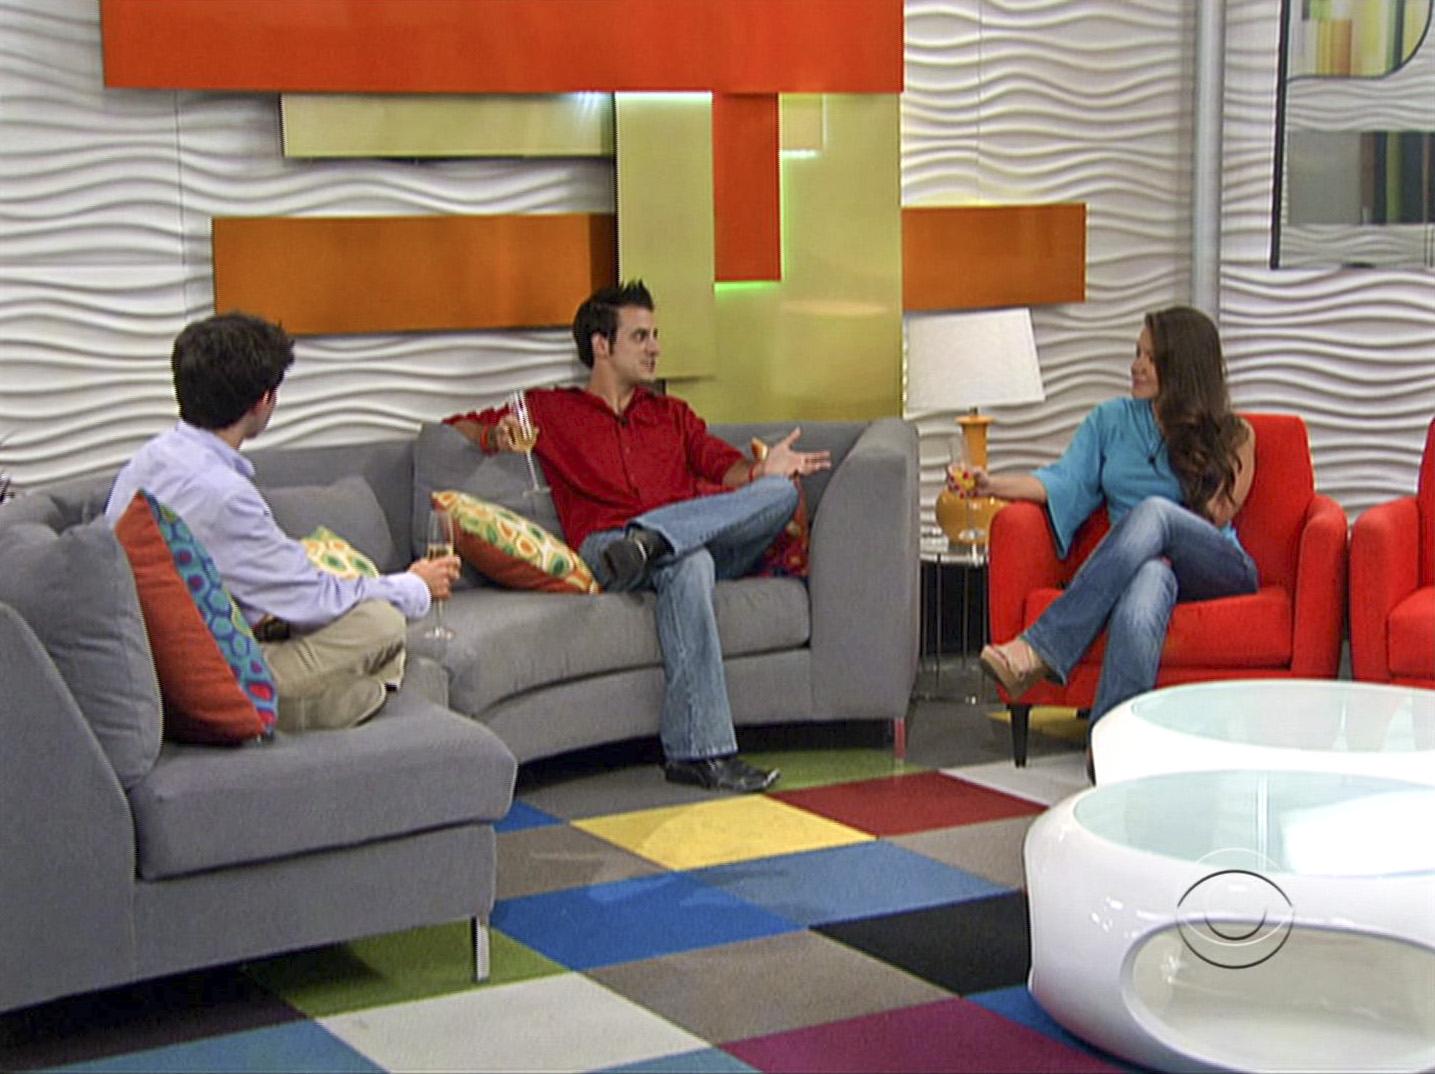 Ian, Dan and Danielle